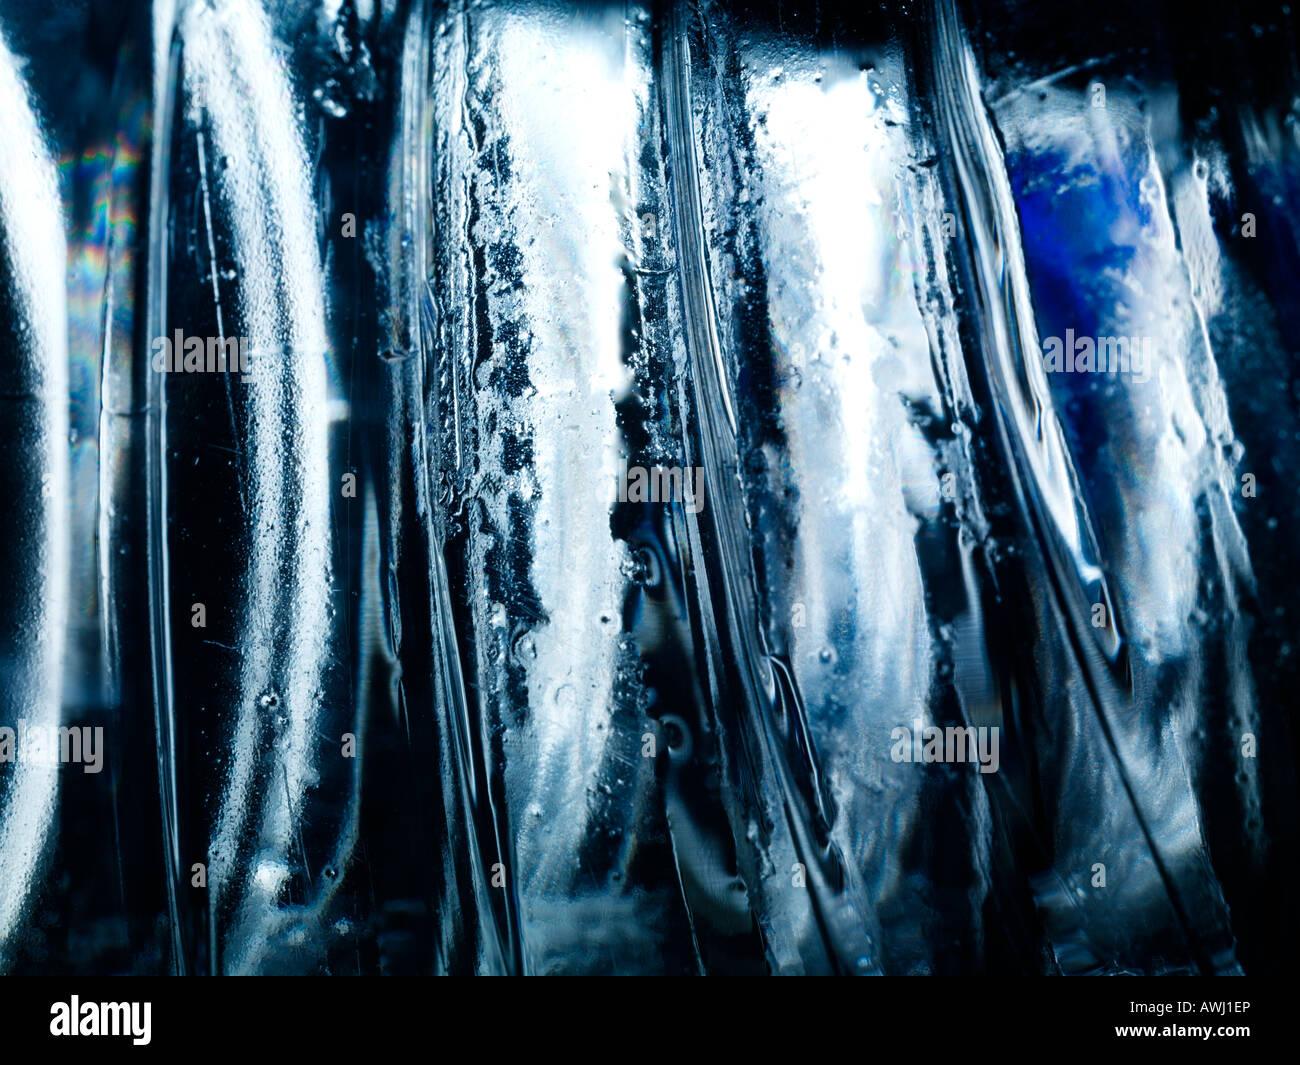 Arte astratta di immagini di file di grandi dimensioni di una bottiglia di plastica illuminato con una sorgente Immagini Stock